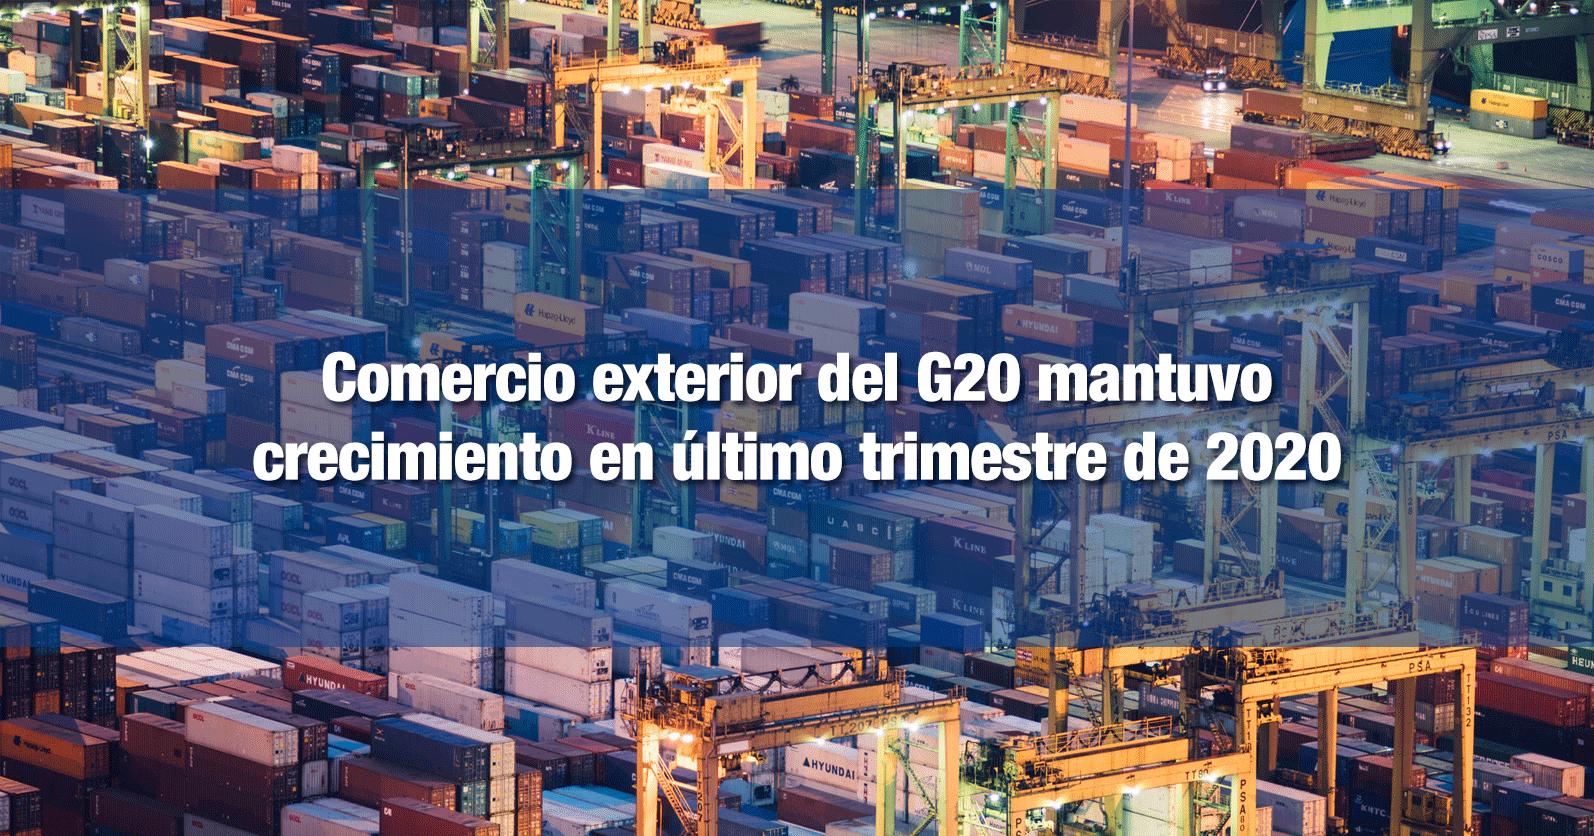 Comercio exterior del G20 mantuvo crecimiento en último trimestre de 2020